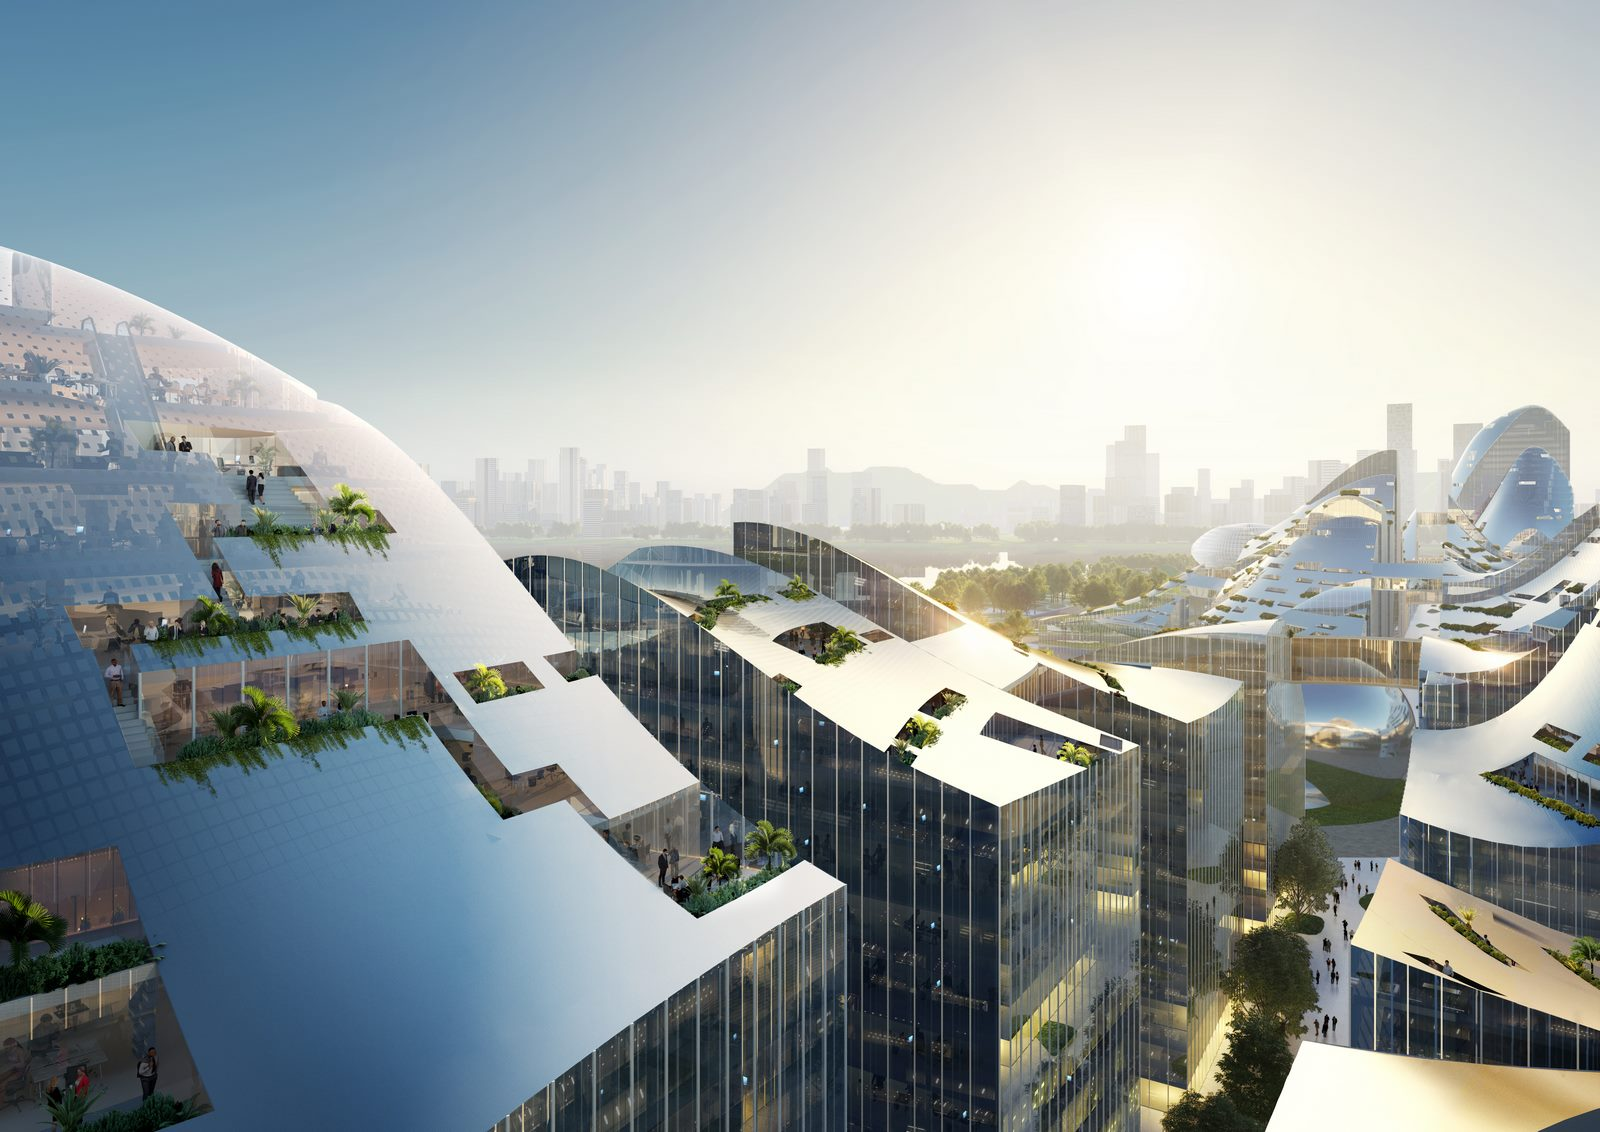 La tecnología y la vegetación al servicio de una ciudad inteligente 3